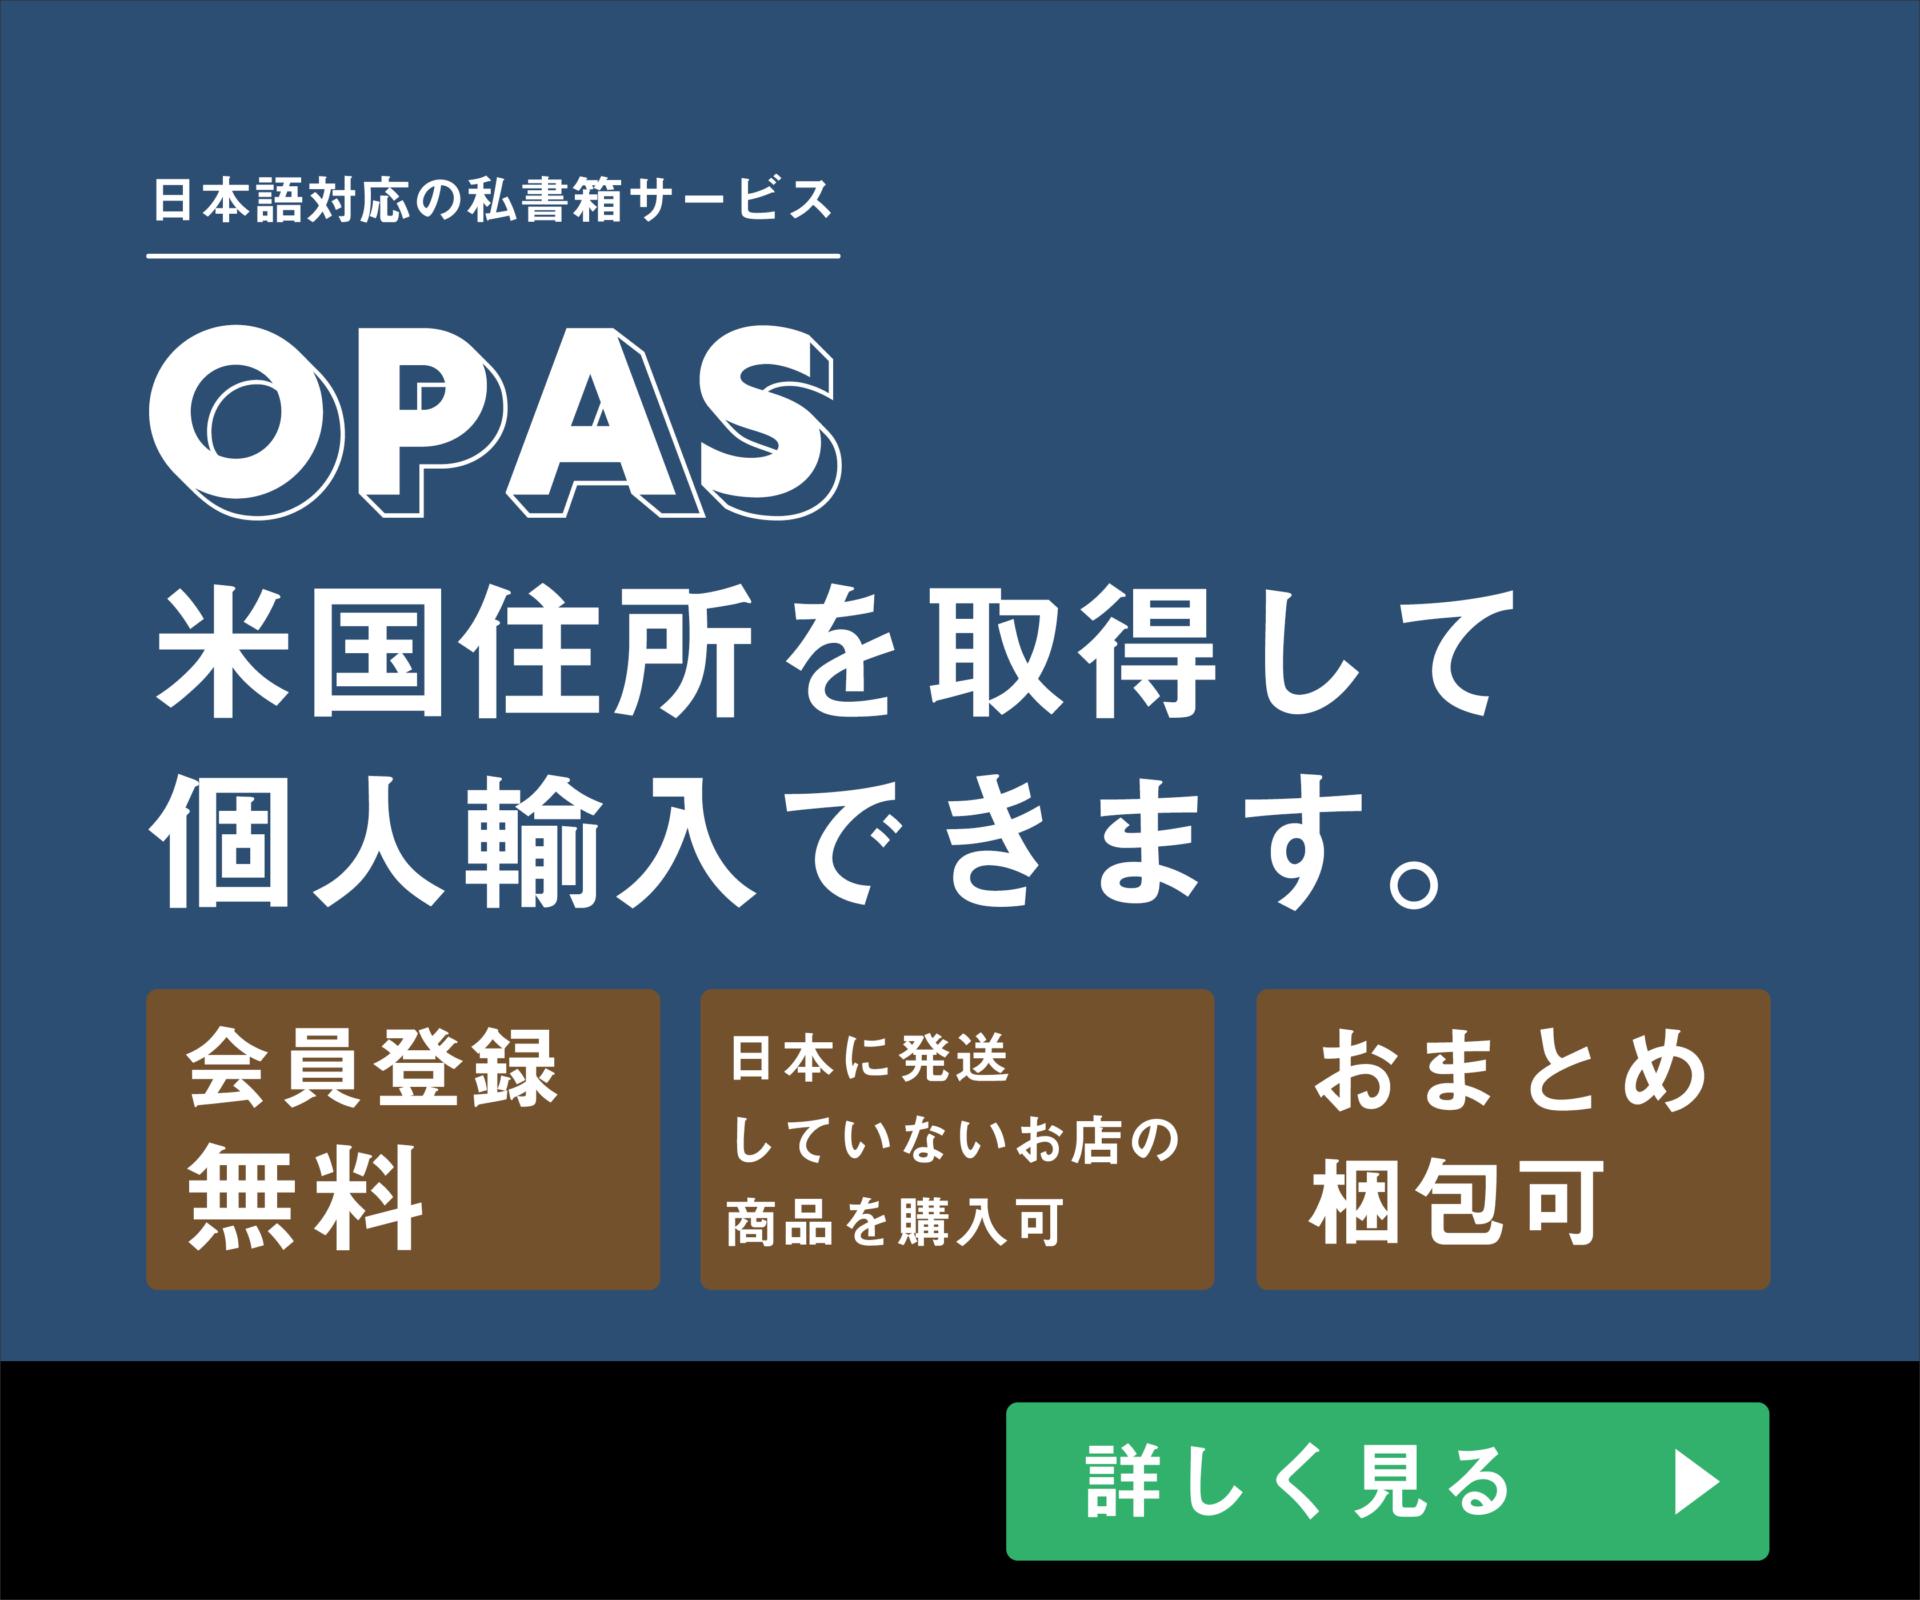 OPAS(オパス)海外からの転送サービスの使い方